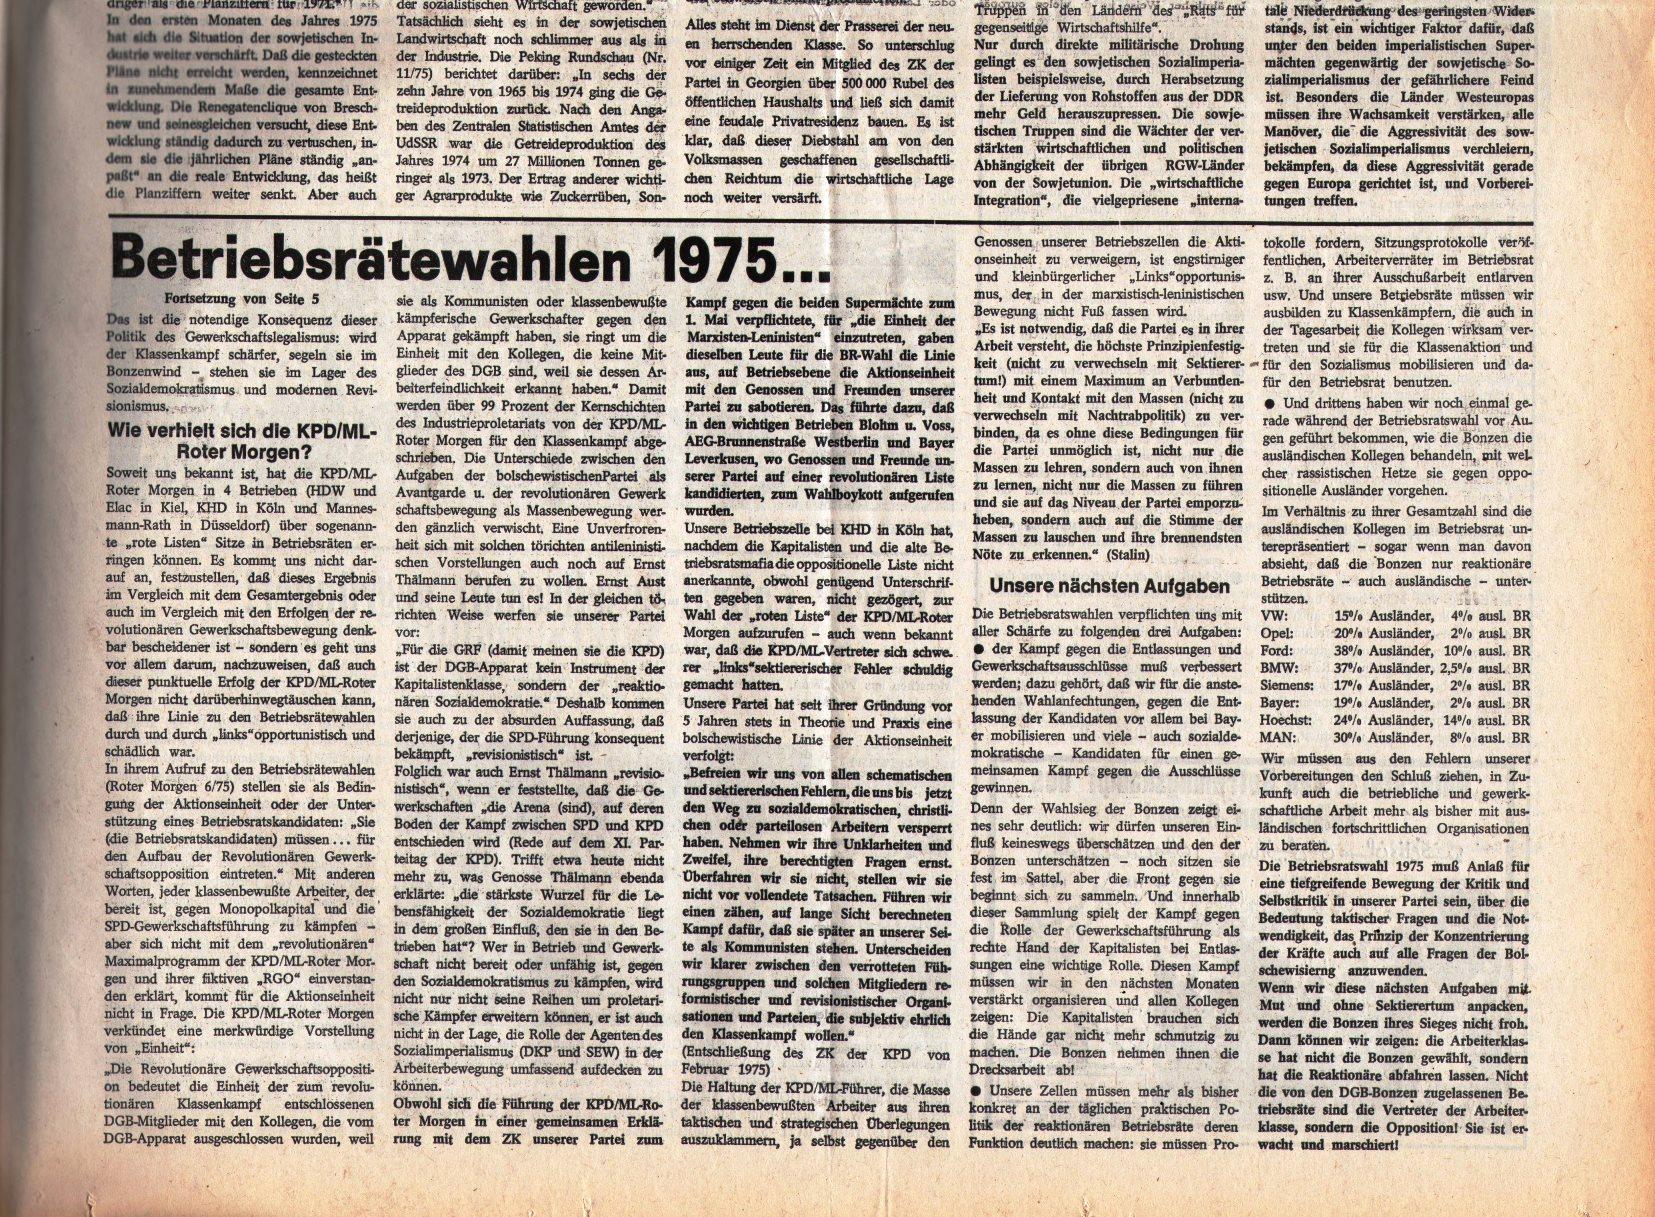 KPD_Rote_Fahne_1975_22_18